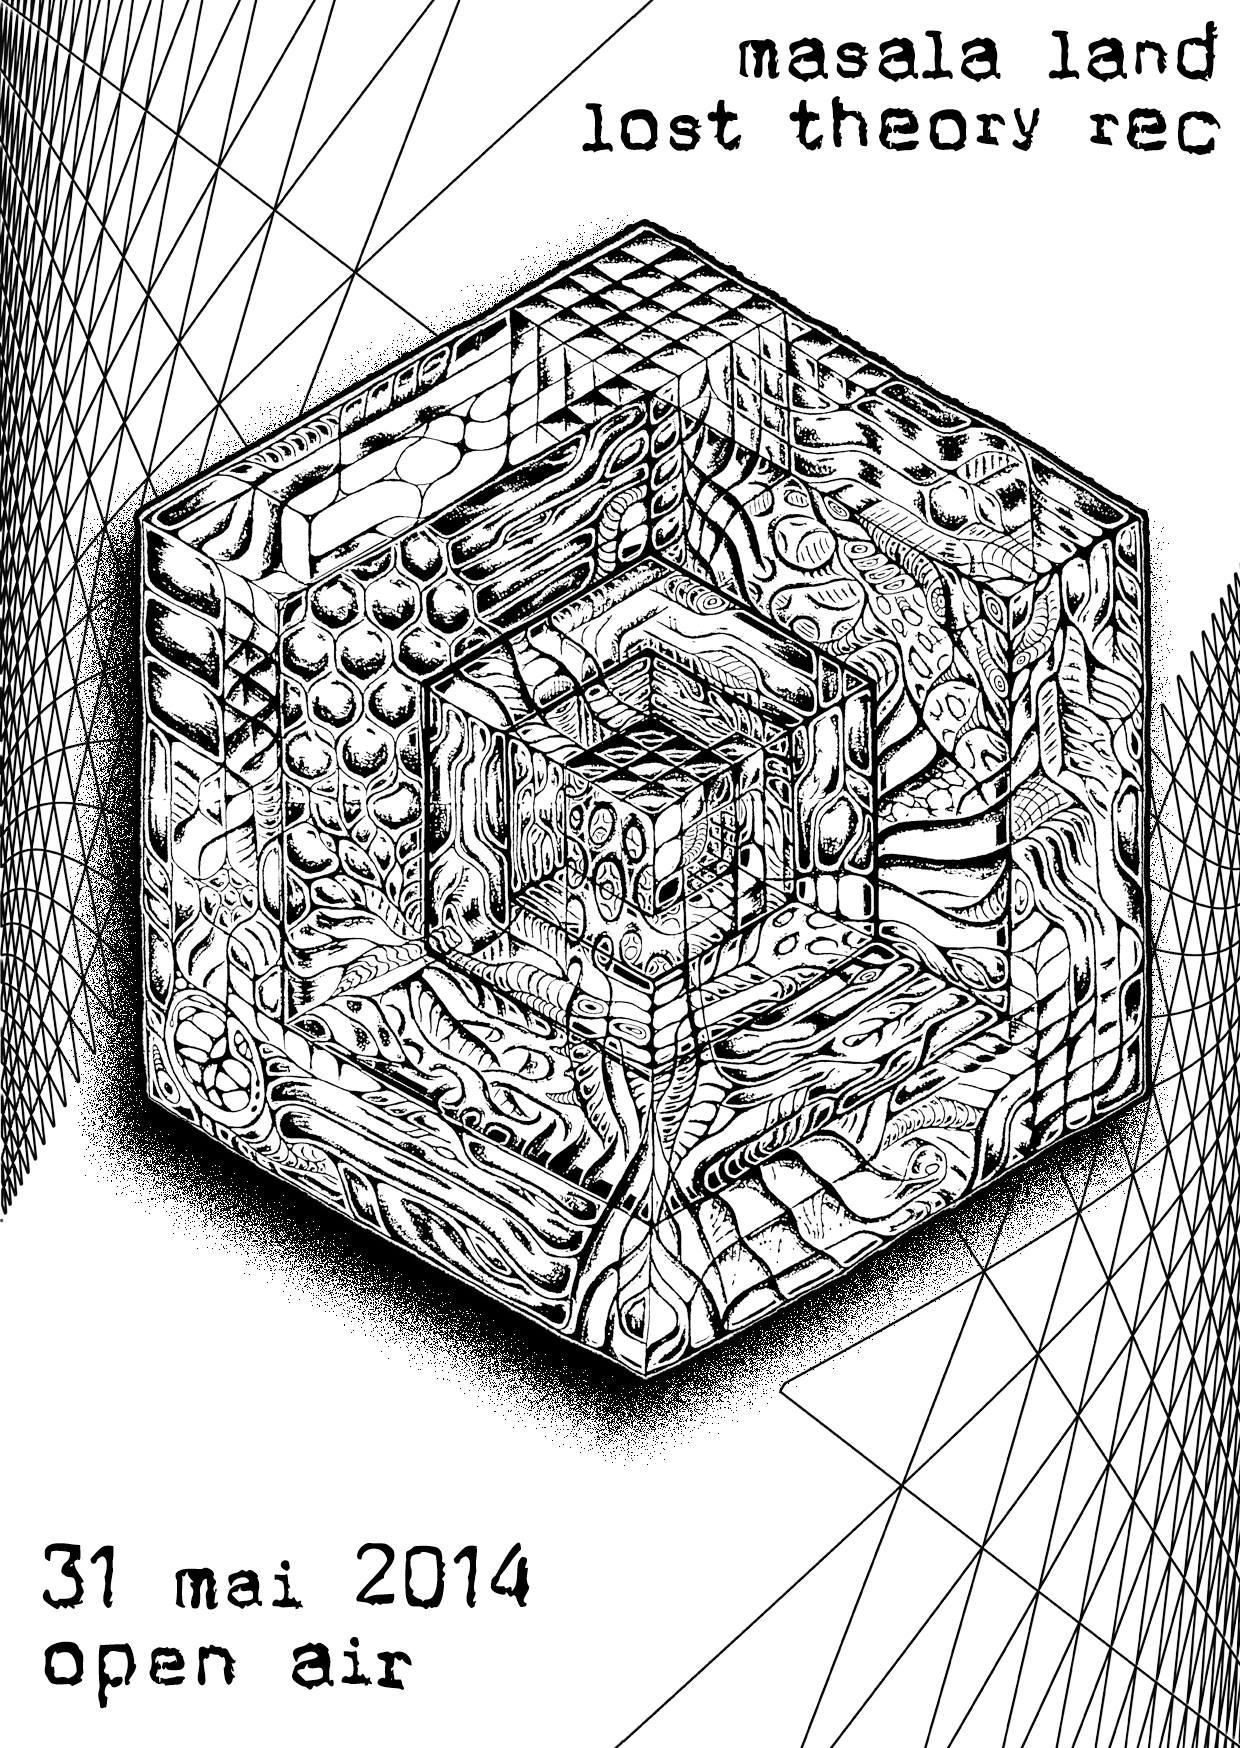 Masala Land & Lost Theory Rec (BE)